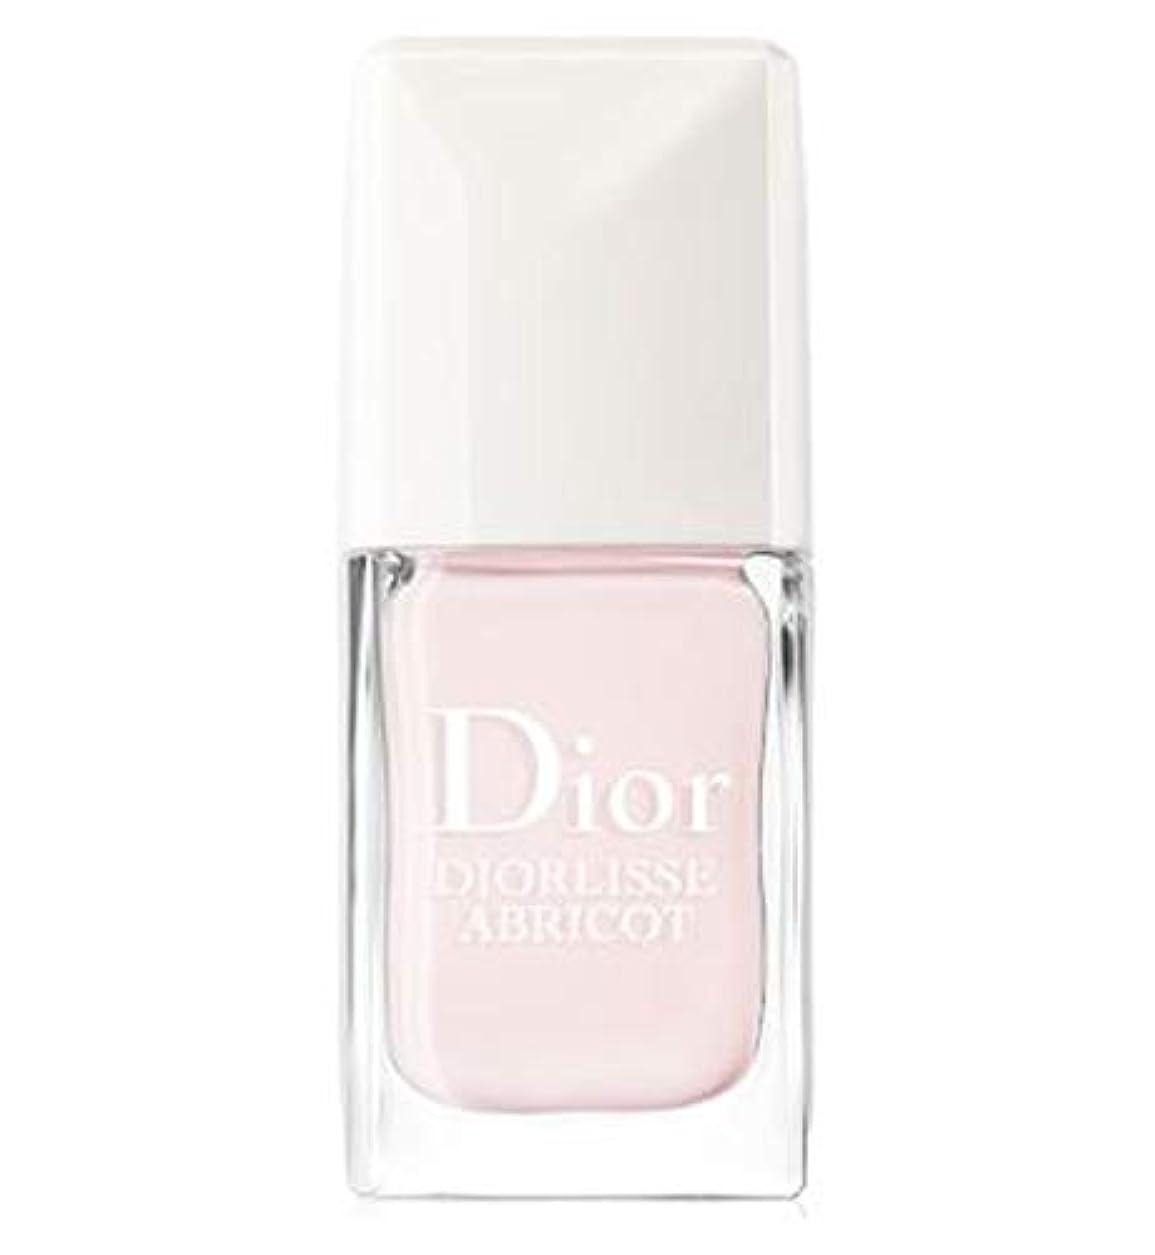 責任者朝食を食べる仲間、同僚[Dior ] ピンクの花びらの10ミリリットルで完成ネイルケアを平滑化Abricot Diorlisse - Diorlisse Abricot Smoothing Perfecting Nail Care In Pink...